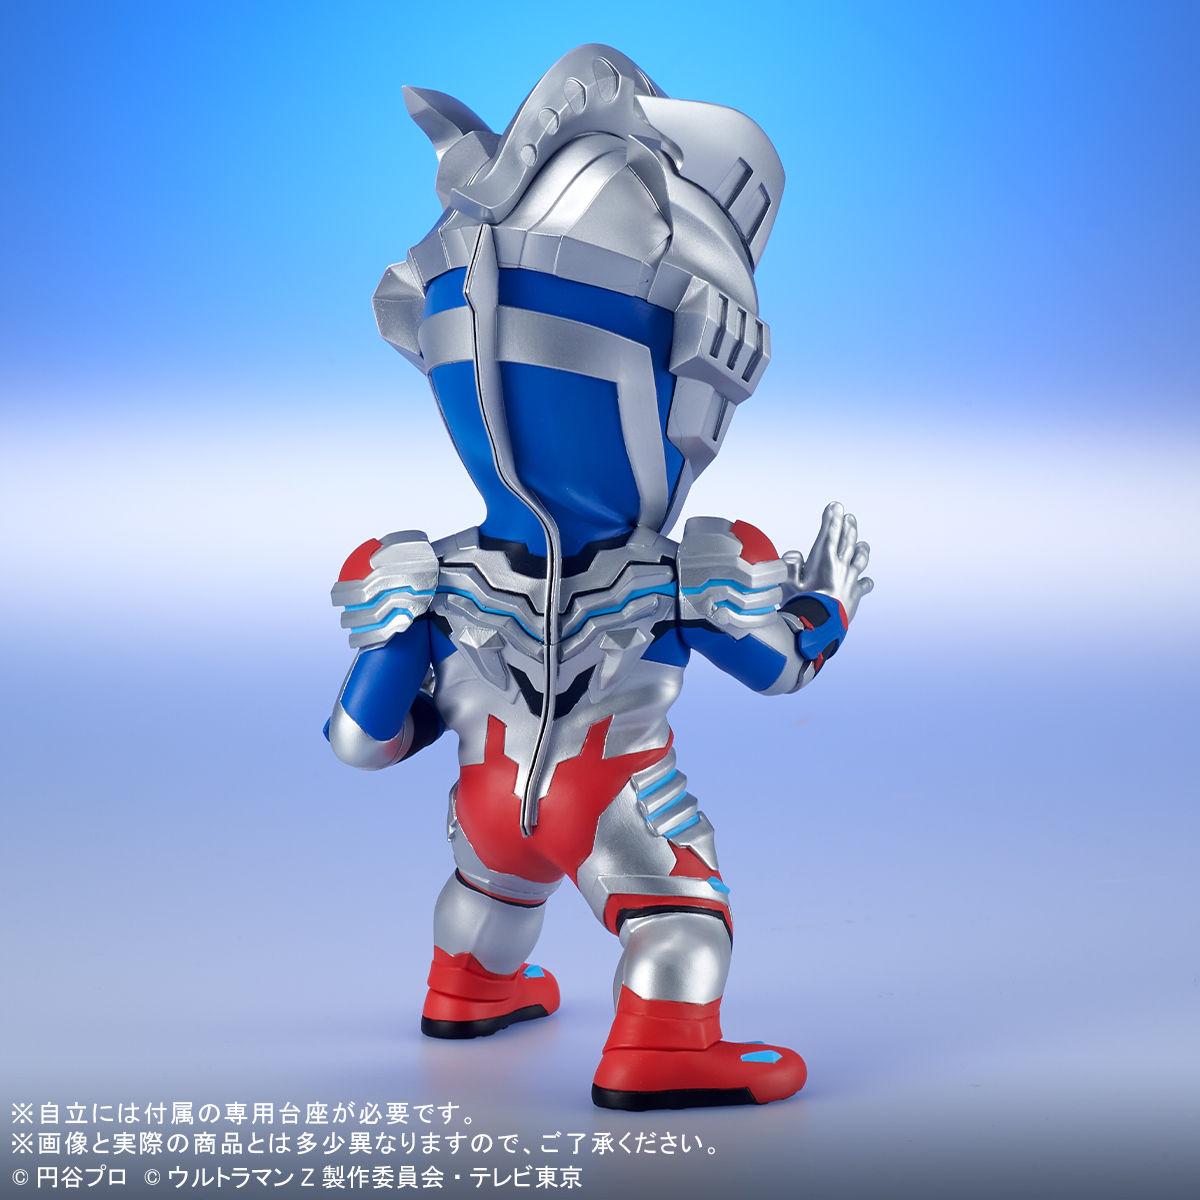 【限定販売】デフォリアル『ウルトラマンゼット アルファエッジ』デフォルメ完成品フィギュア-006